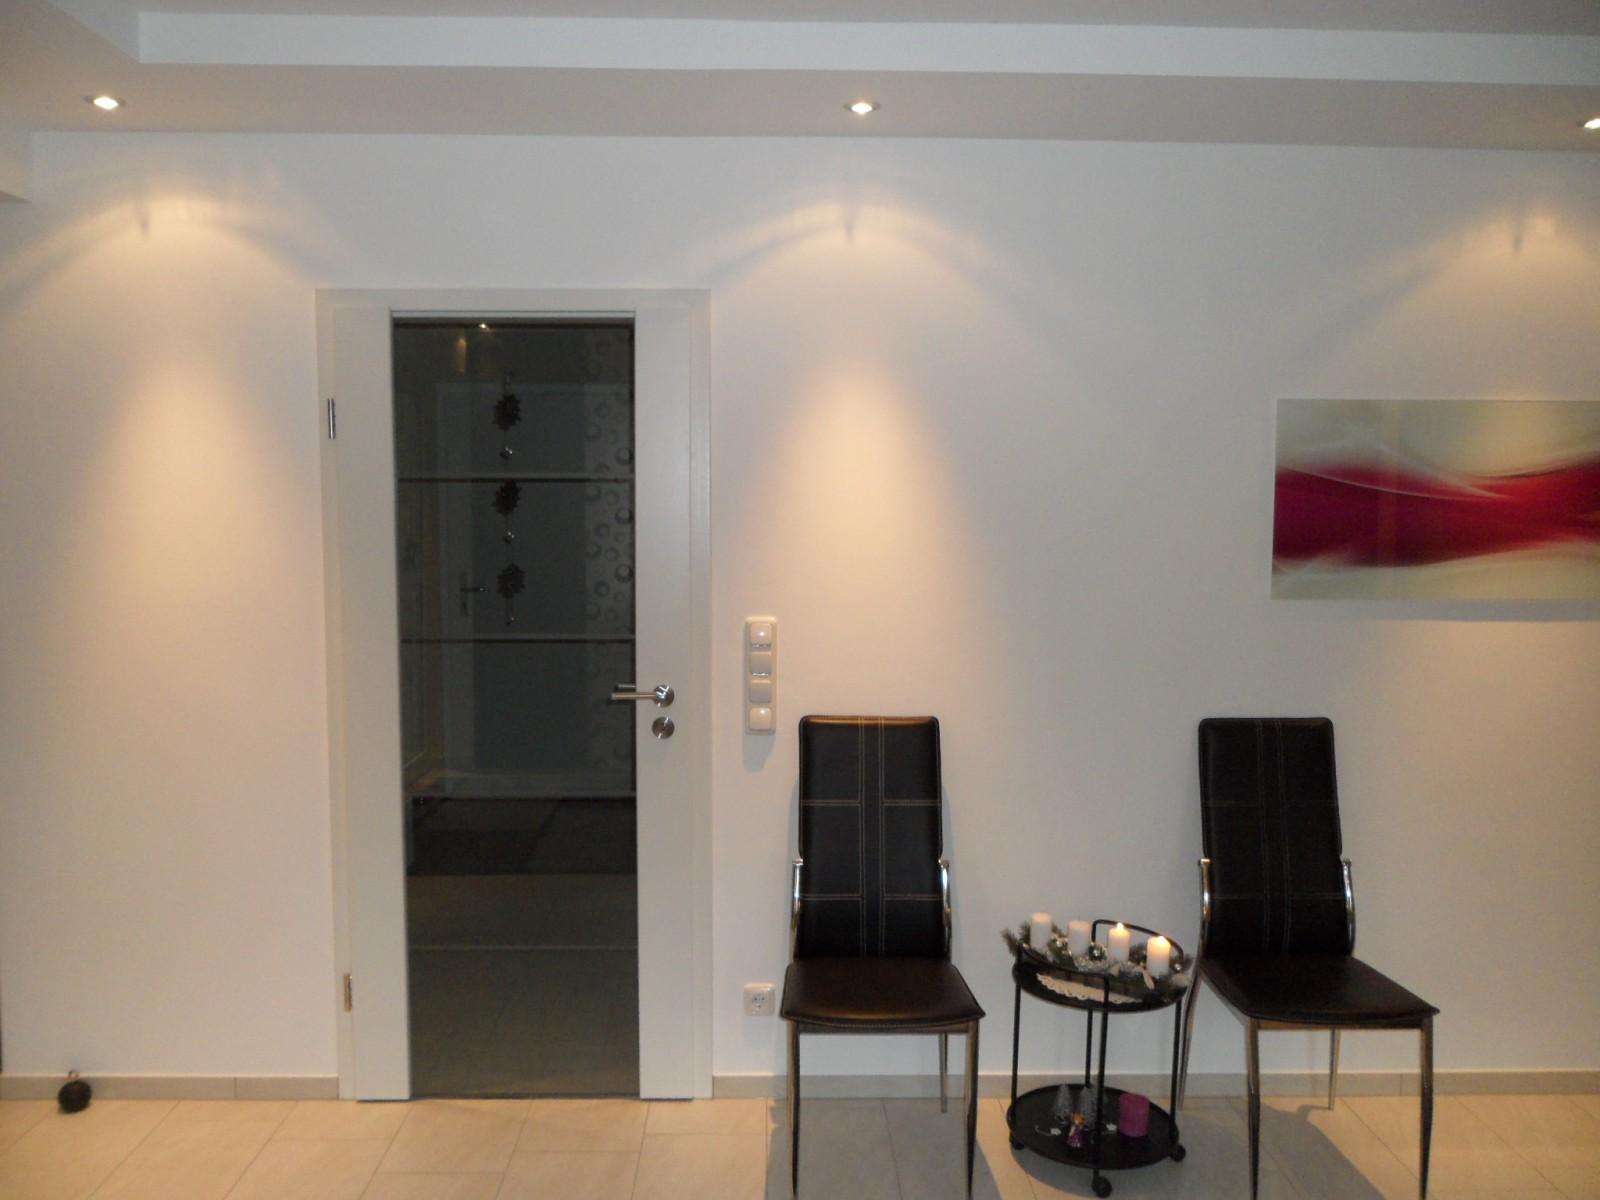 wohnzimmer 39 ess wohnzimmer g ste wc 39 gartengl ck zimmerschau. Black Bedroom Furniture Sets. Home Design Ideas